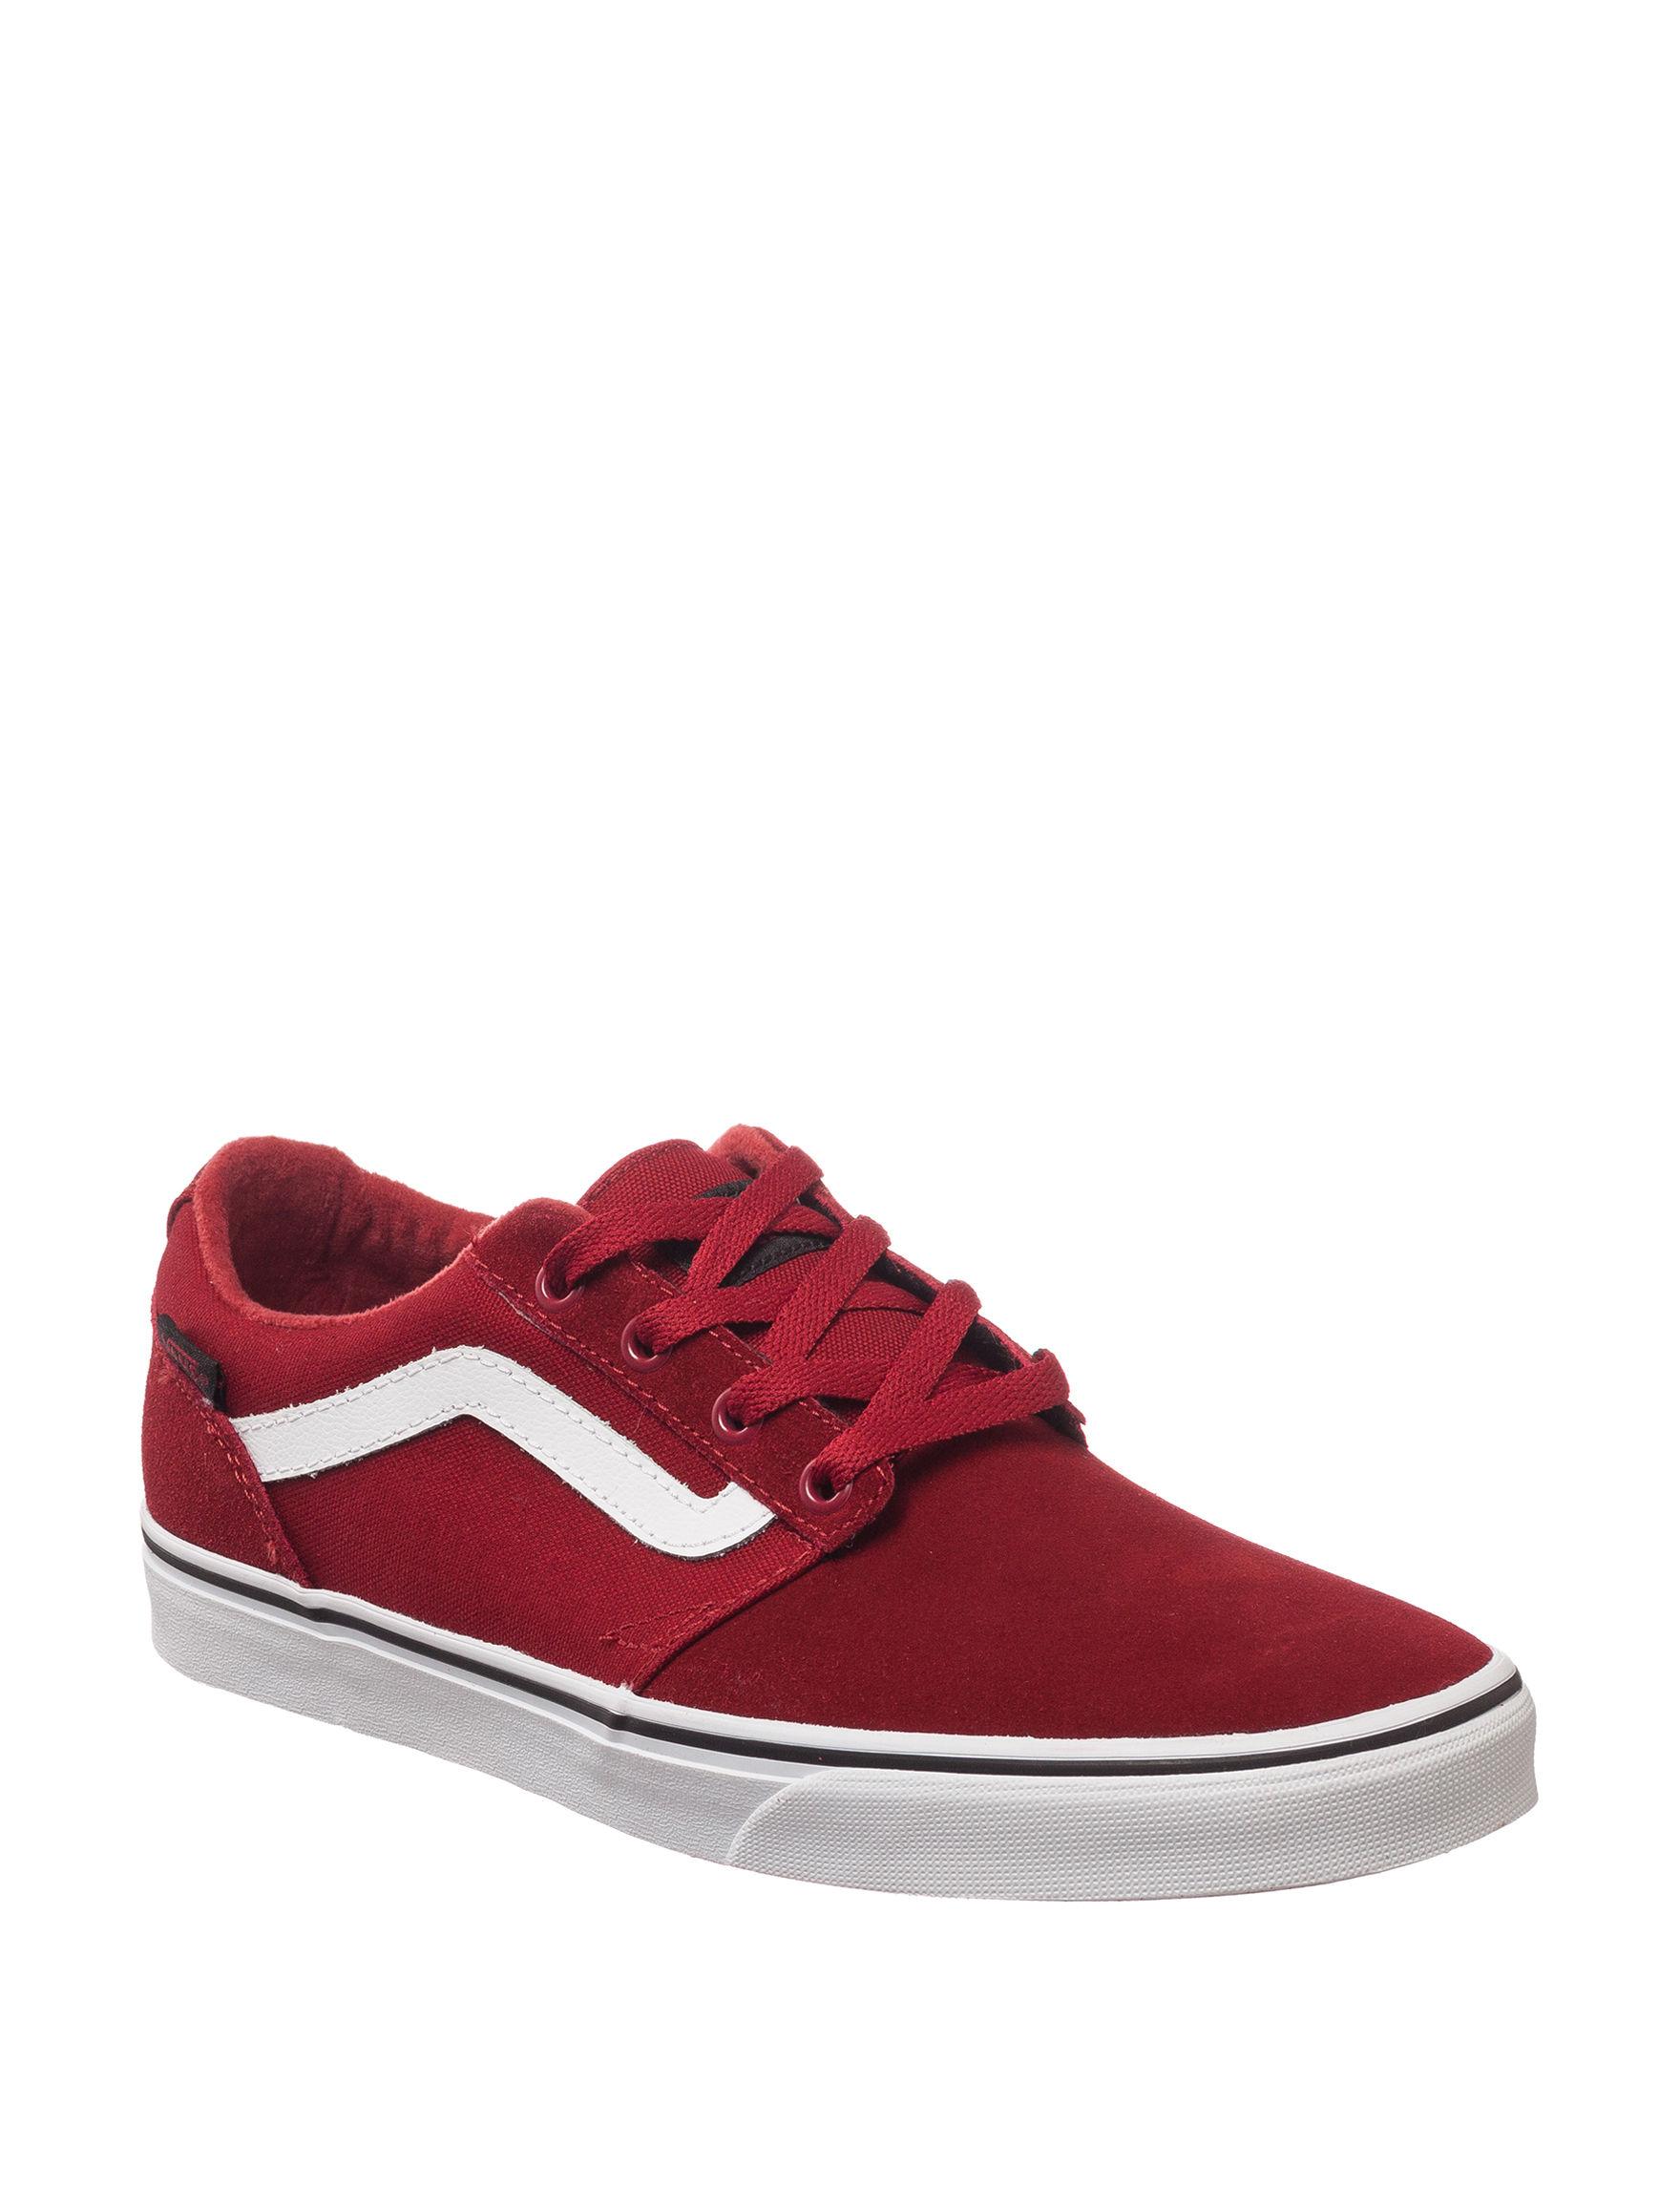 Vans Red